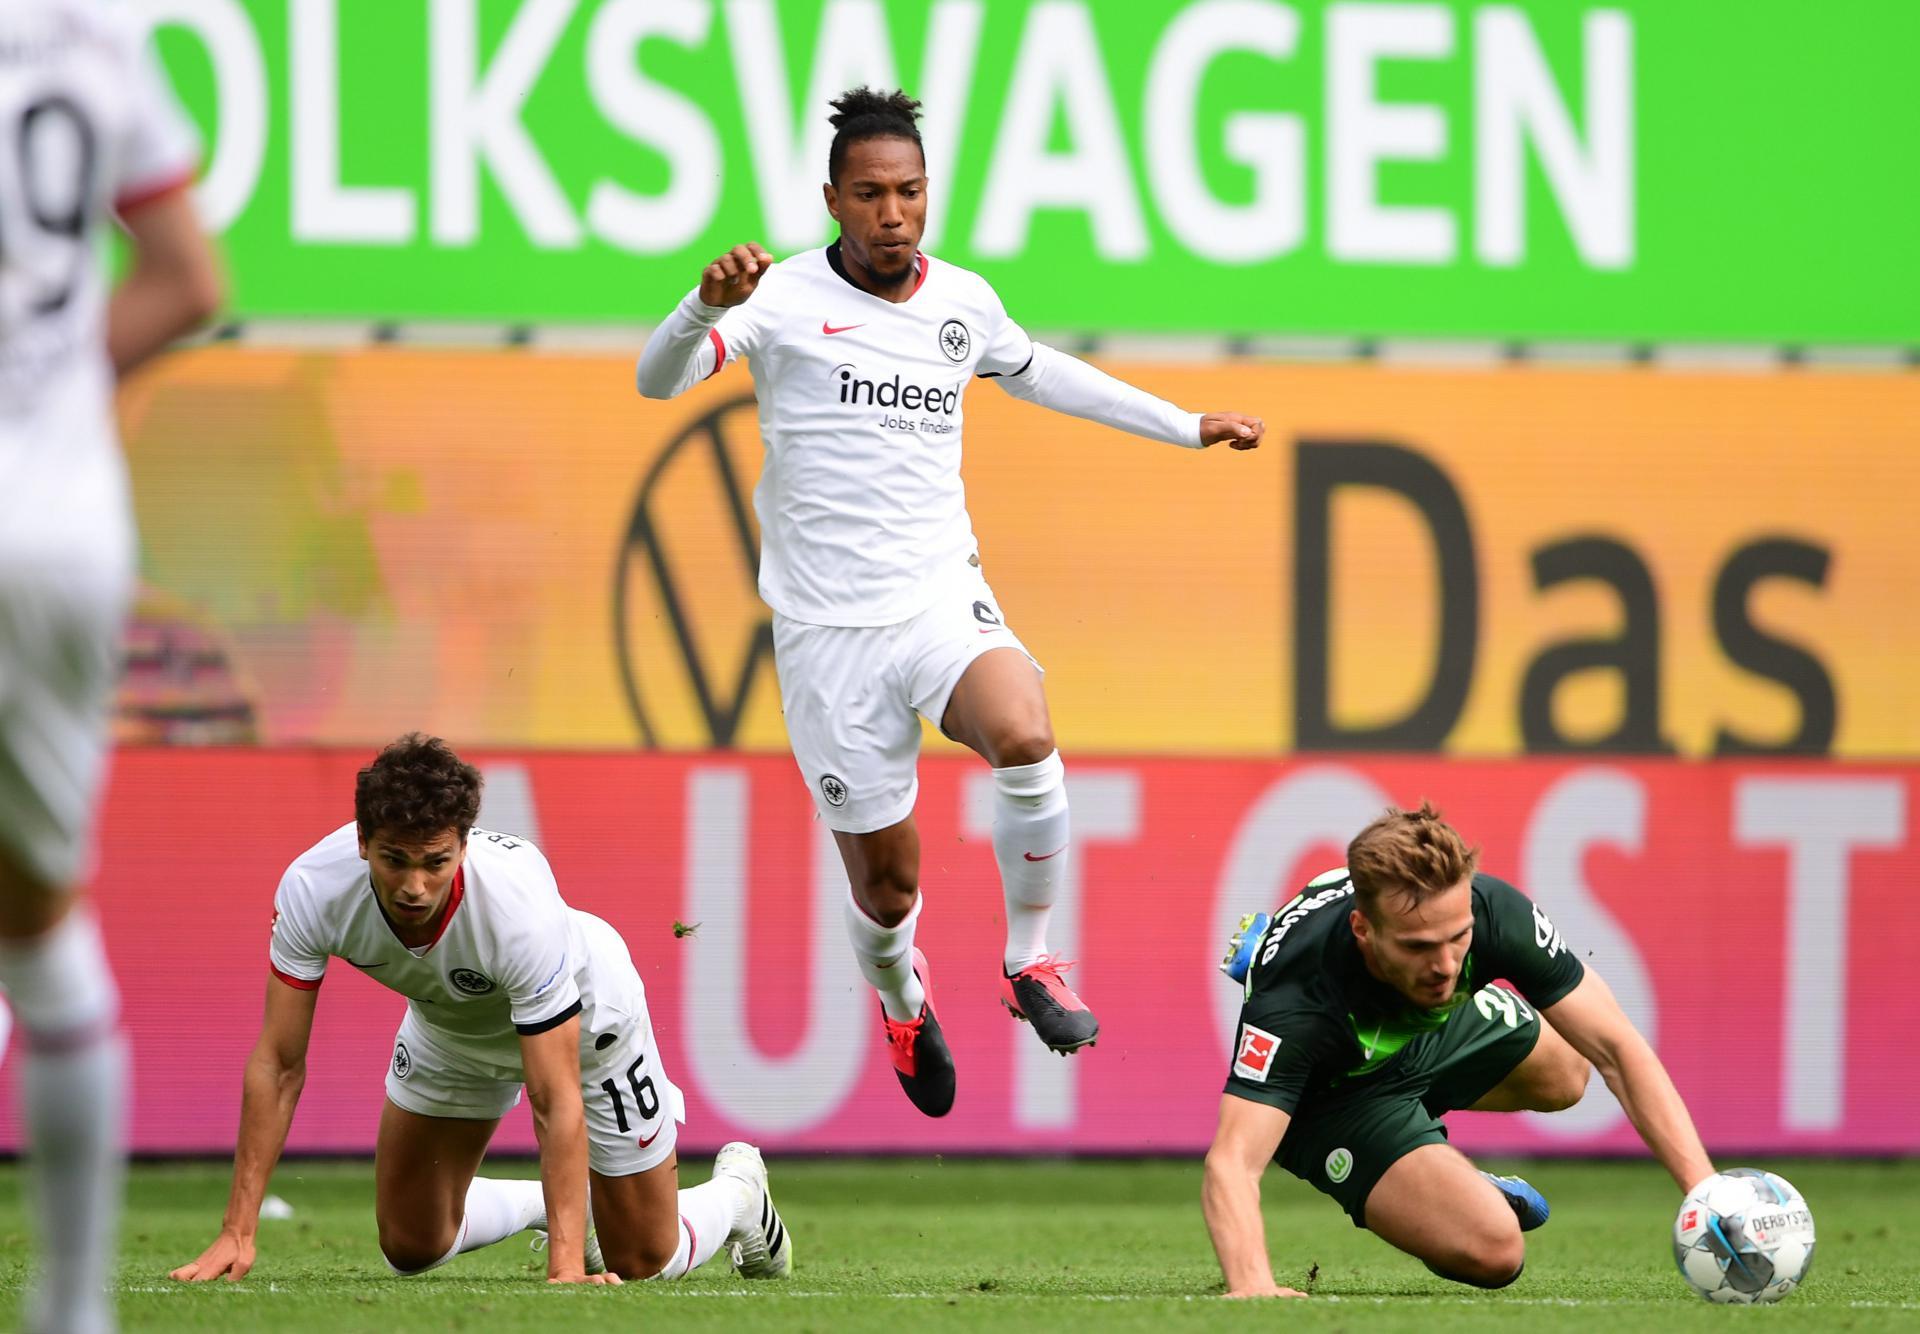 Jednom junak, drugi put tragičar: Wolfsburg ubilježio drugi domaći poraz, Pongračić skrivio jedanaesterac